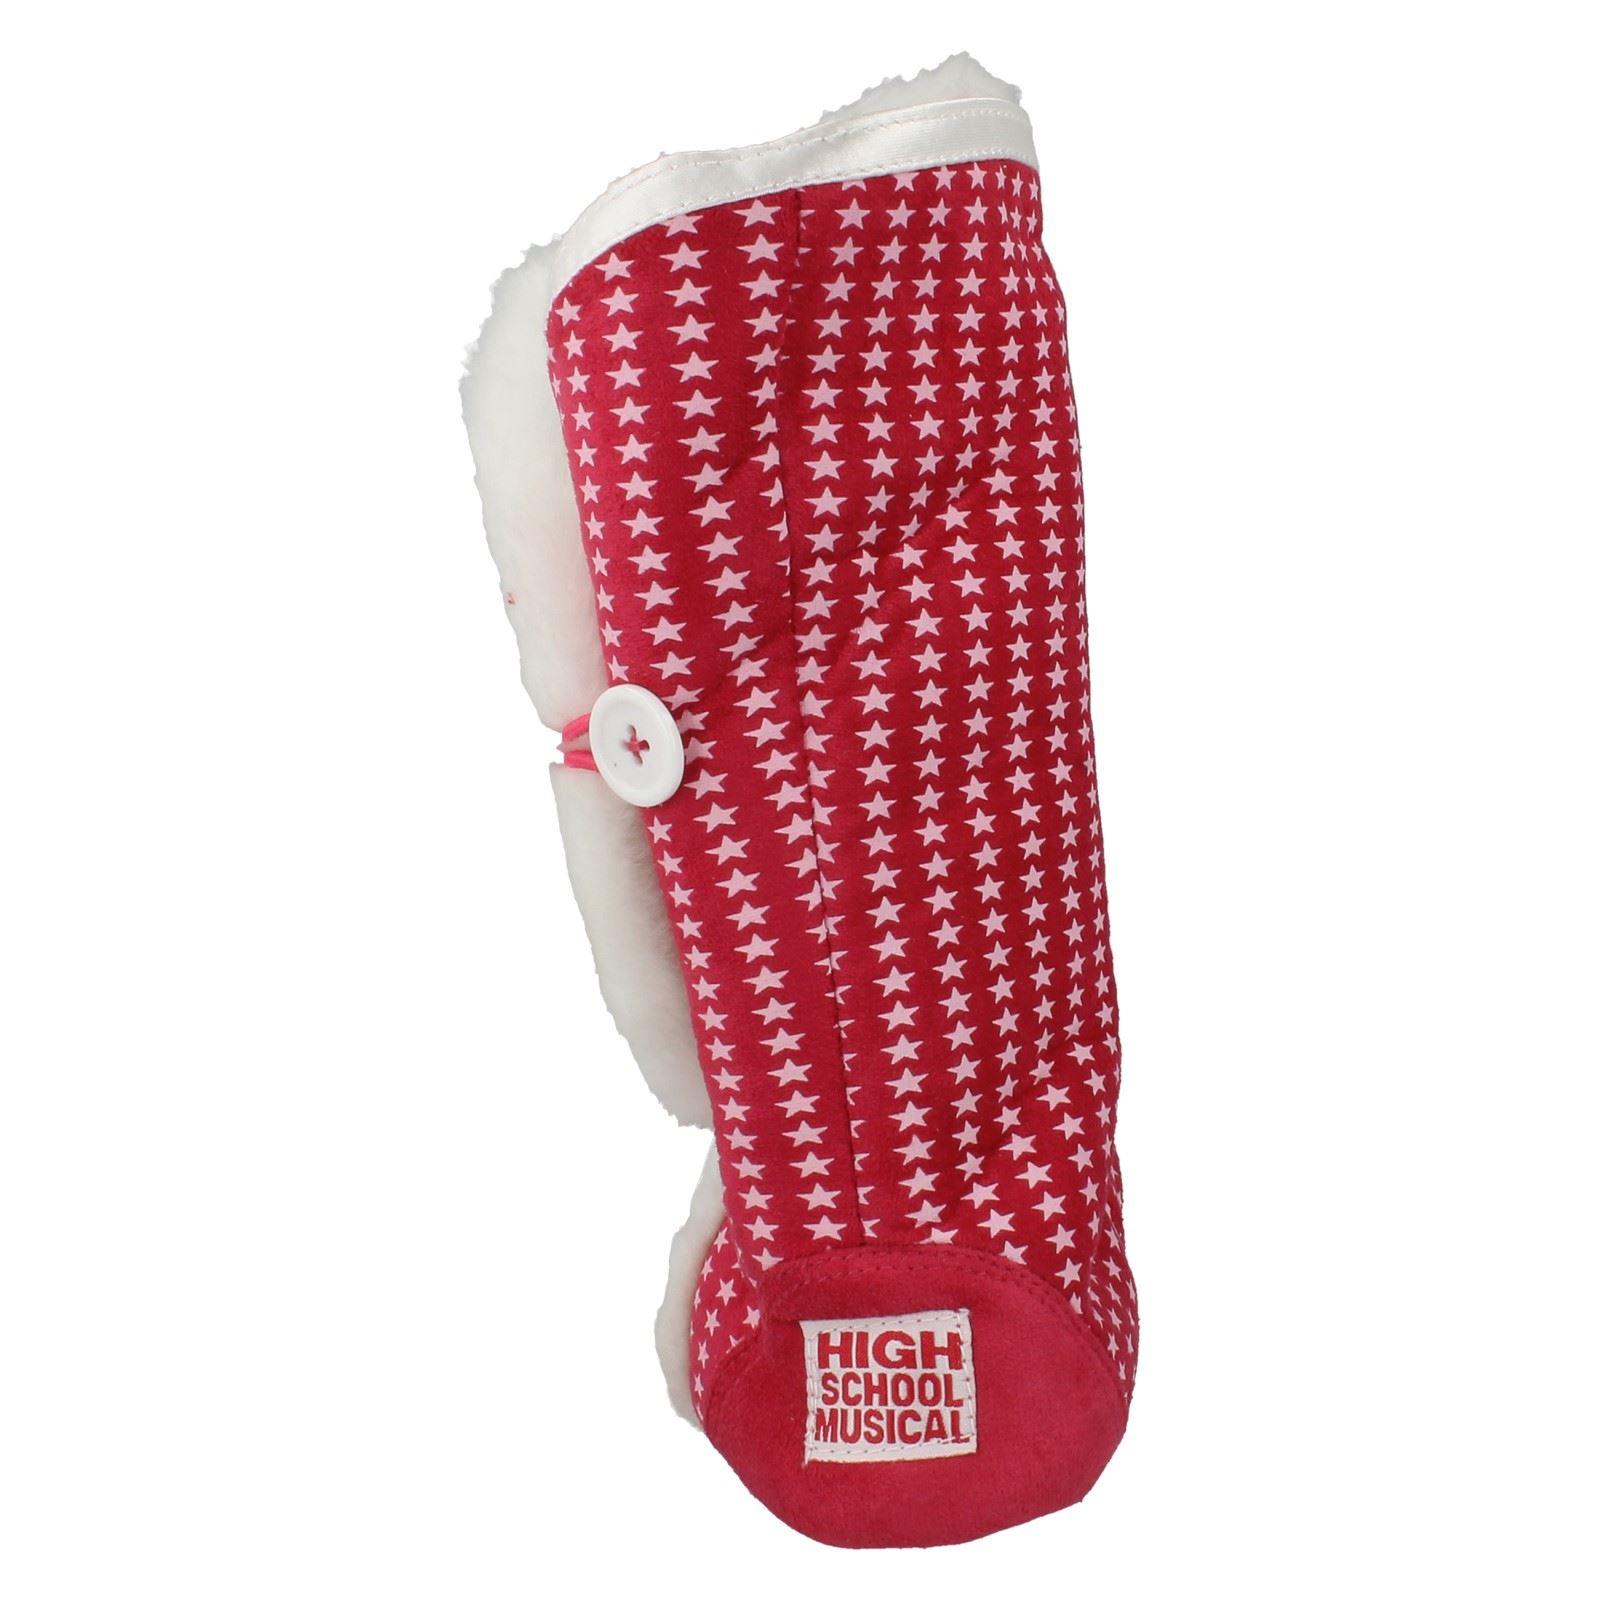 Girls High School Musical Slipper Boots Label HSM